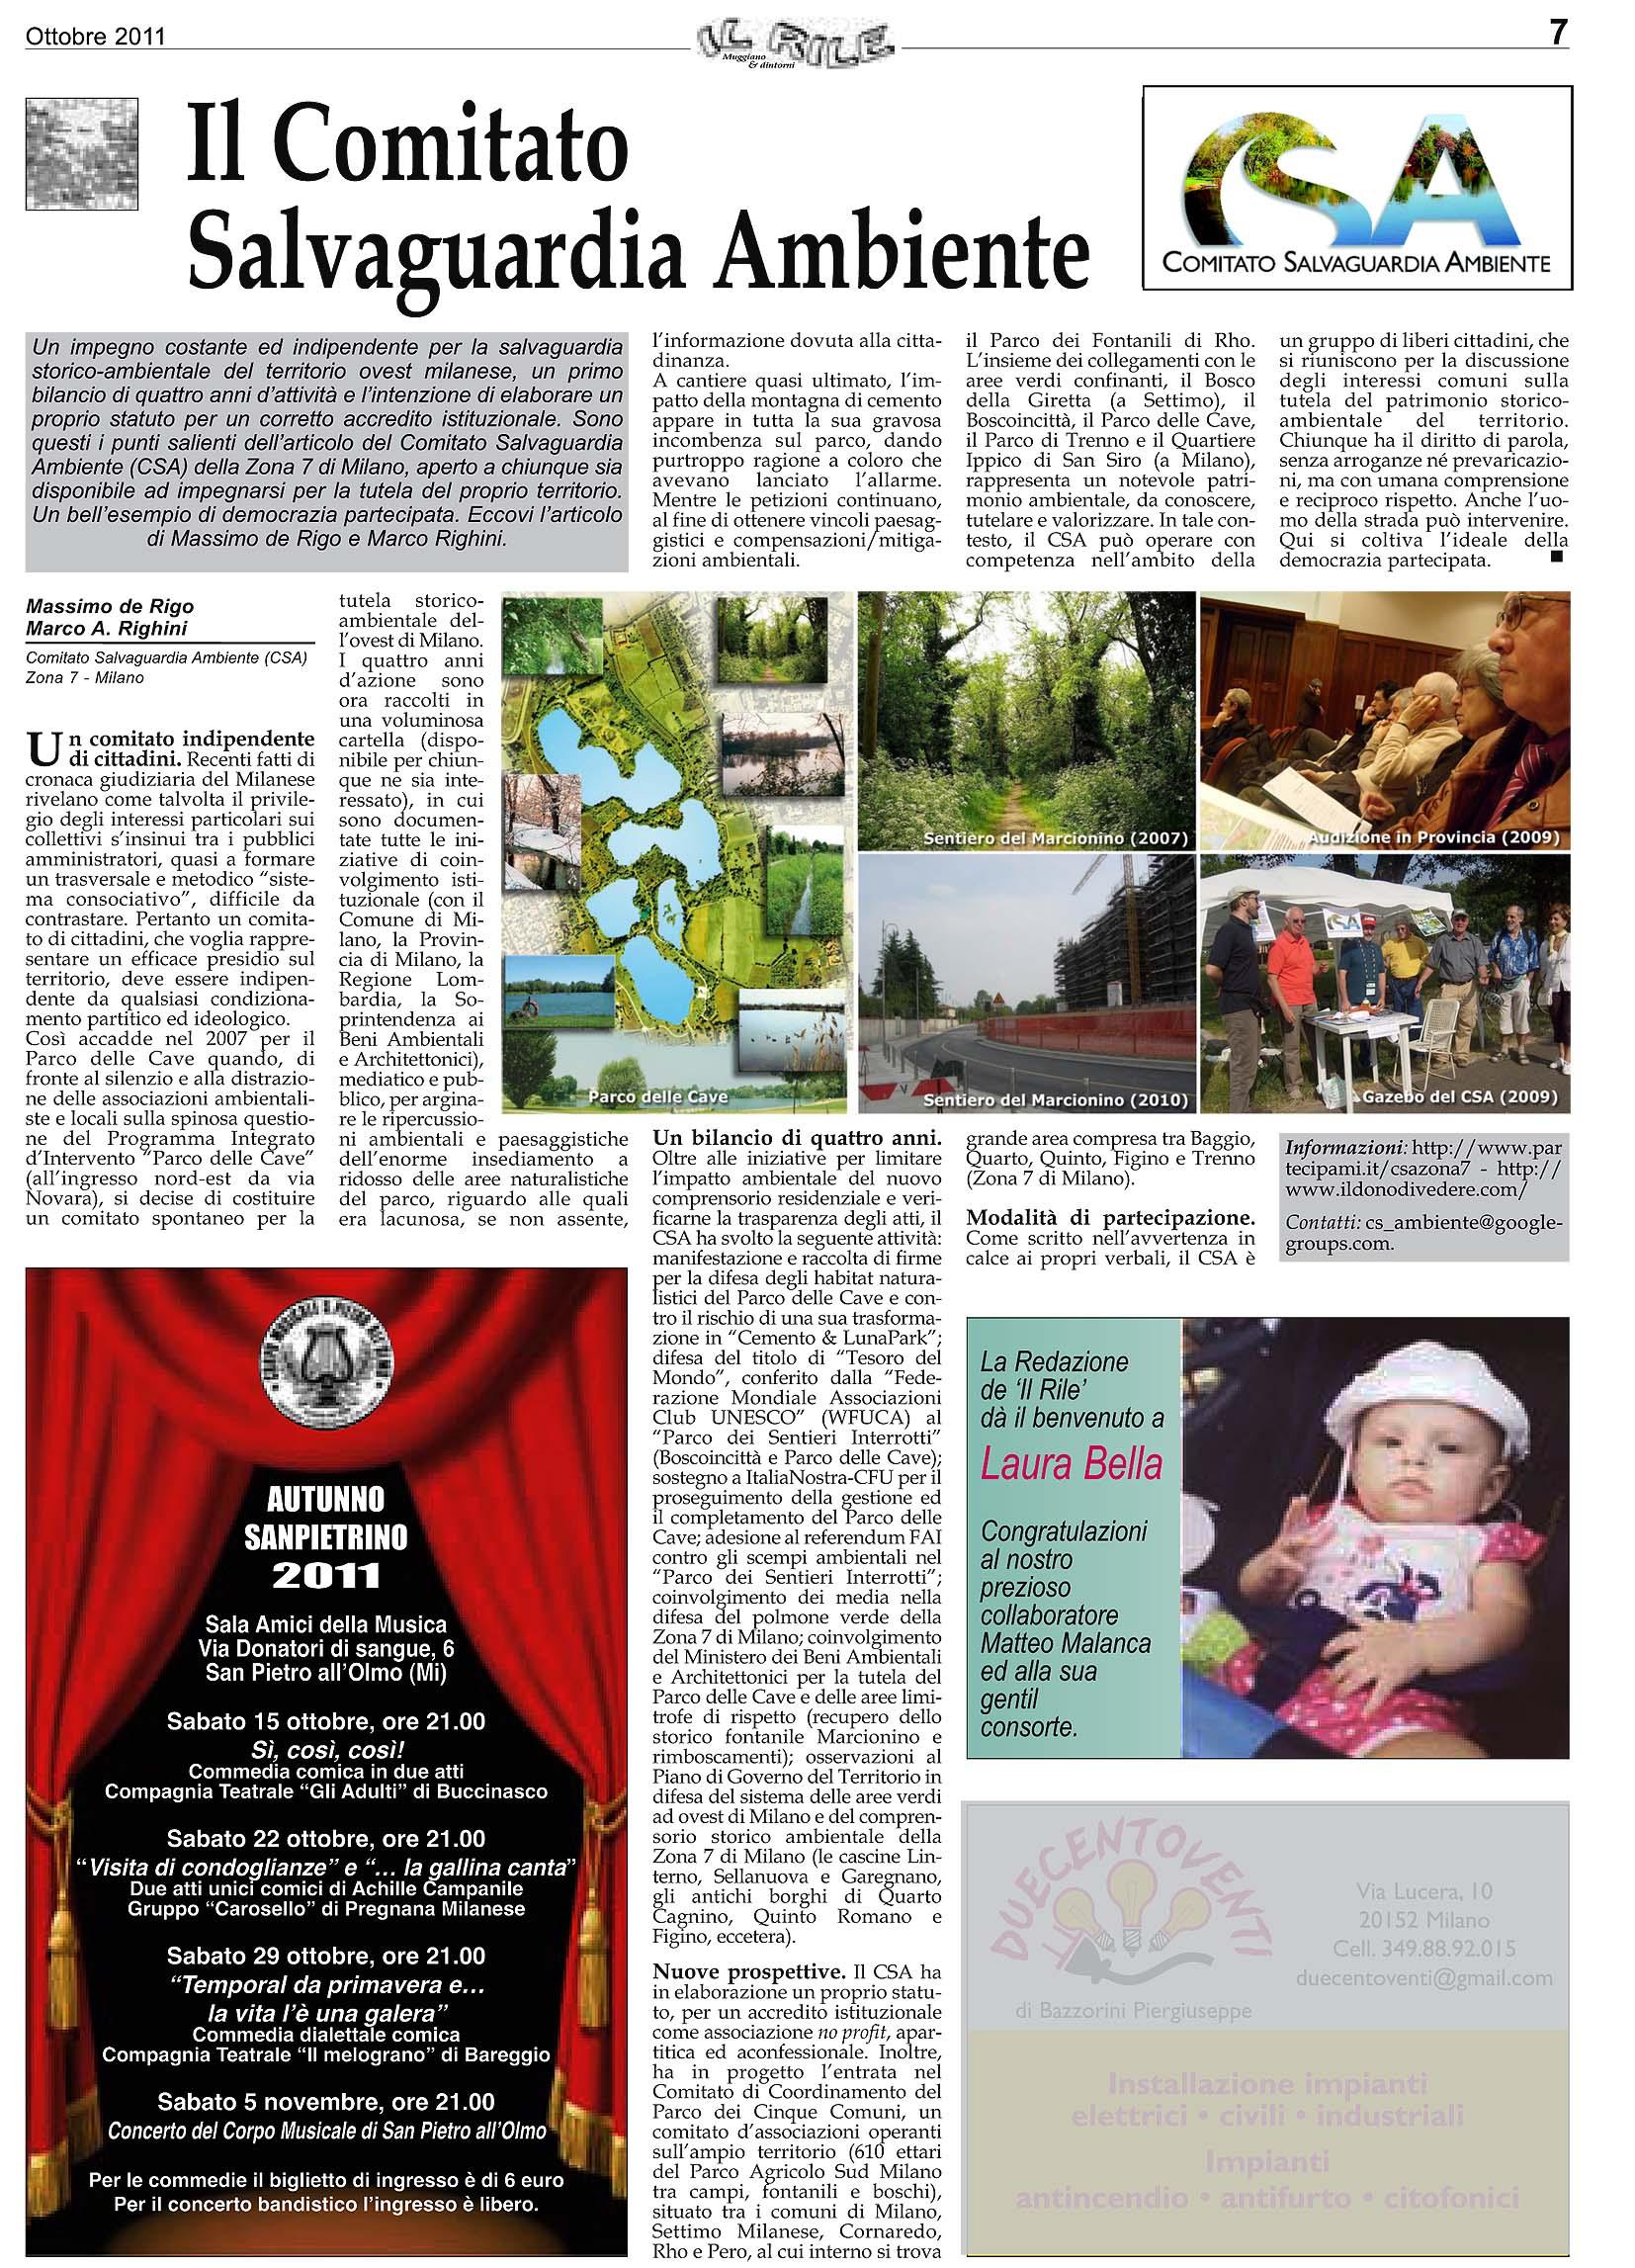 Il Rile ottobre 2011 pagina CSA